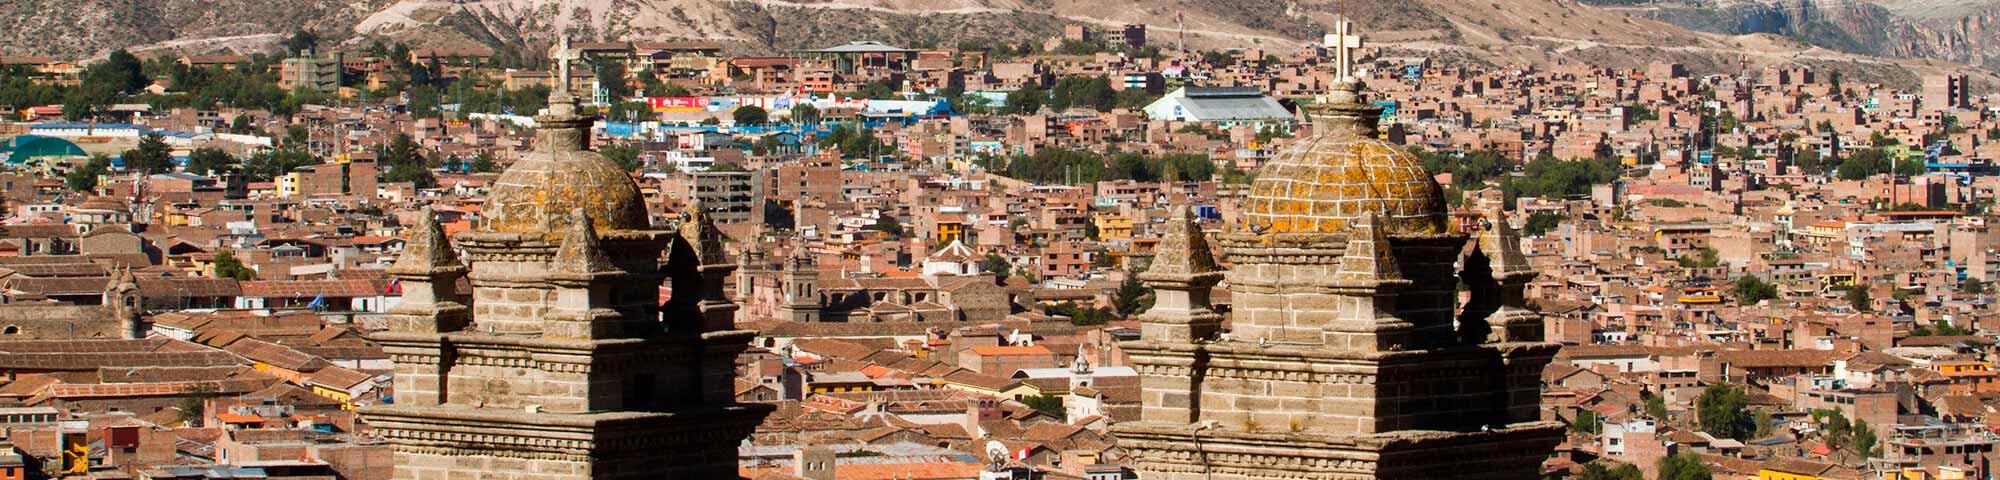 Templo y Barrios Artesanales de Santa Ana